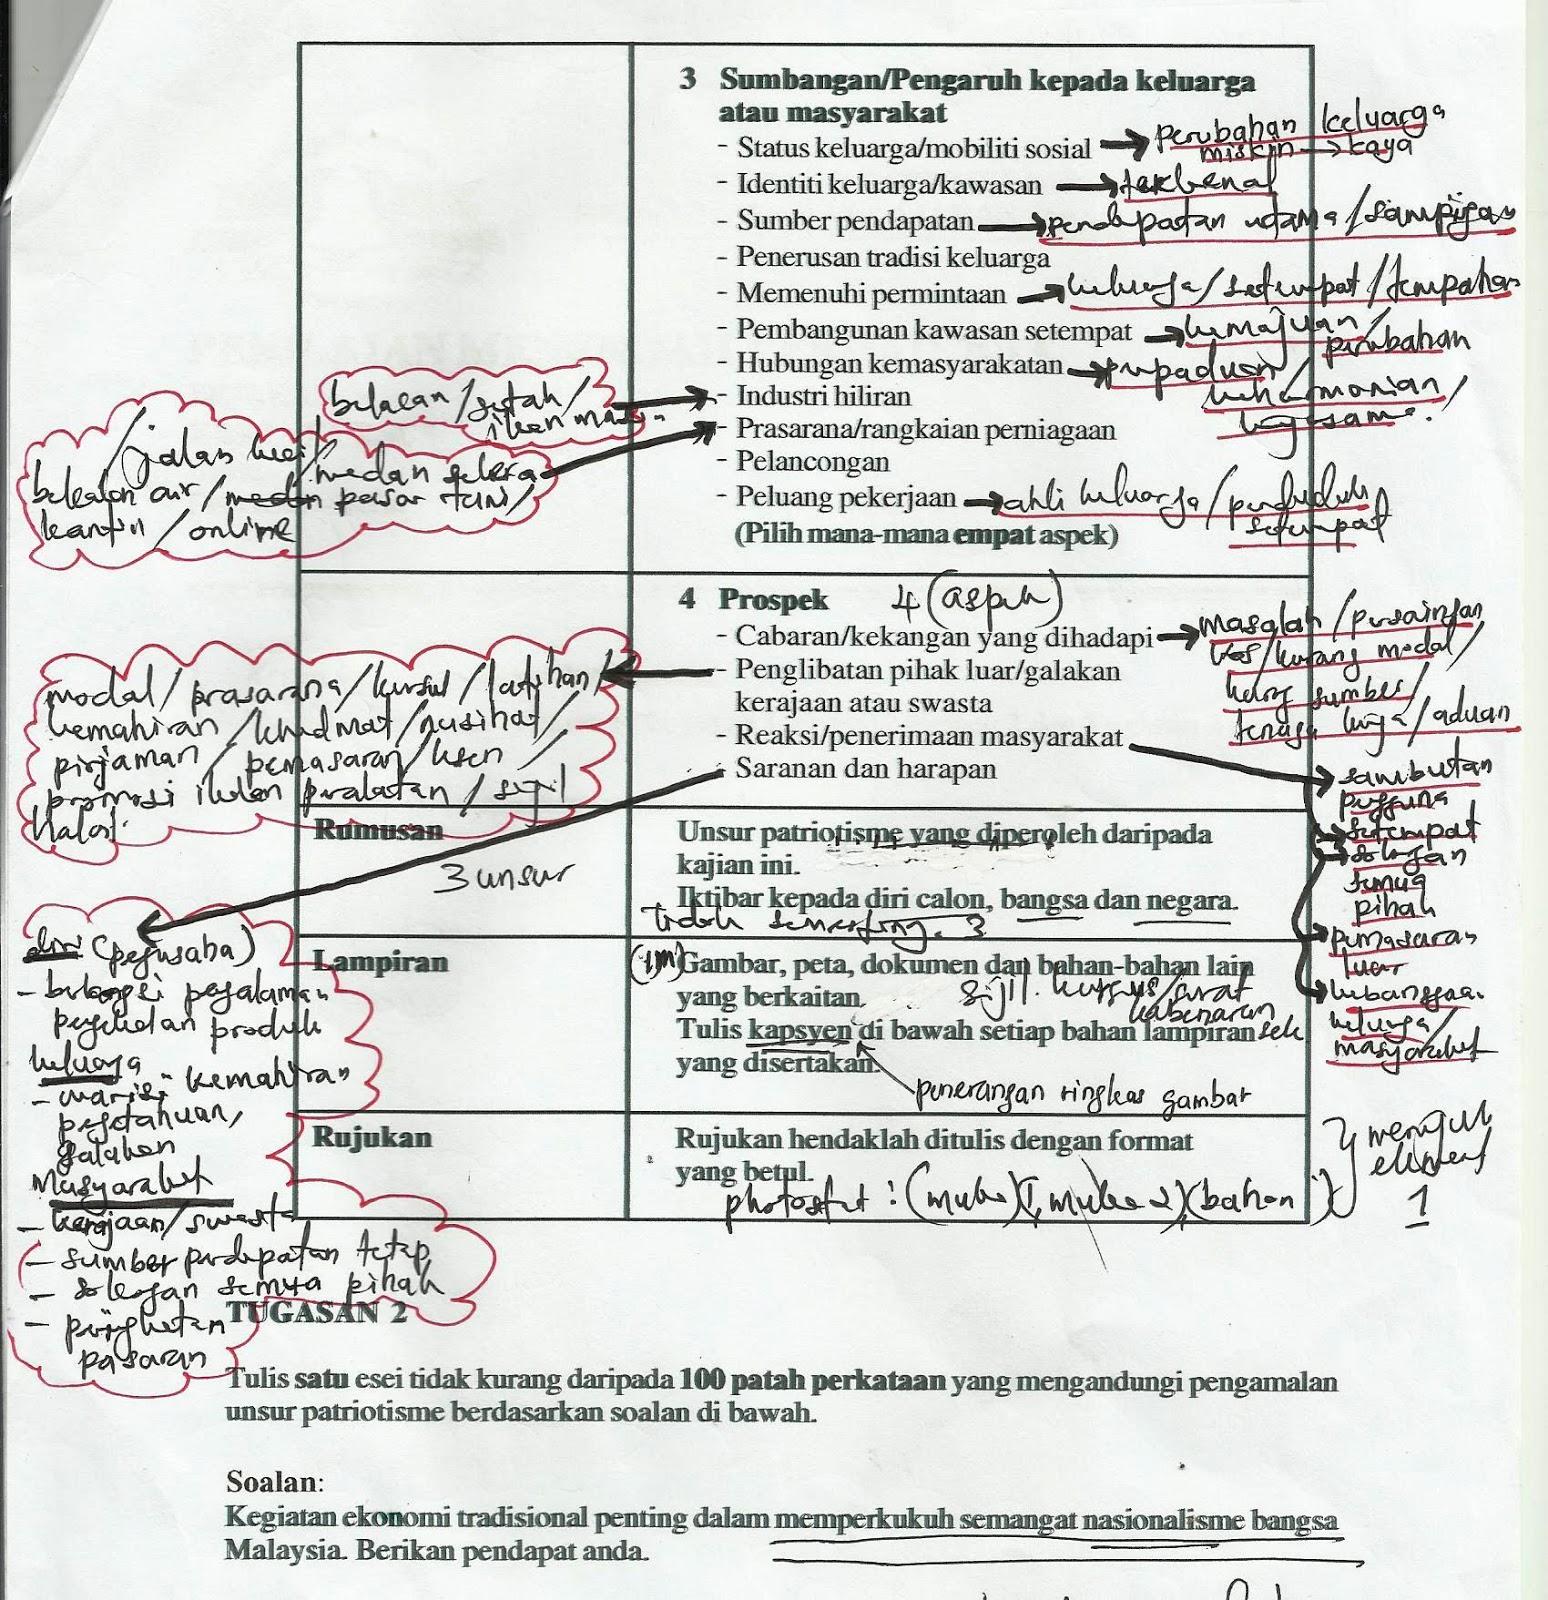 mind kerja kursus sejarah pmr 2013 koleksi contoh lengkap kerja kursus